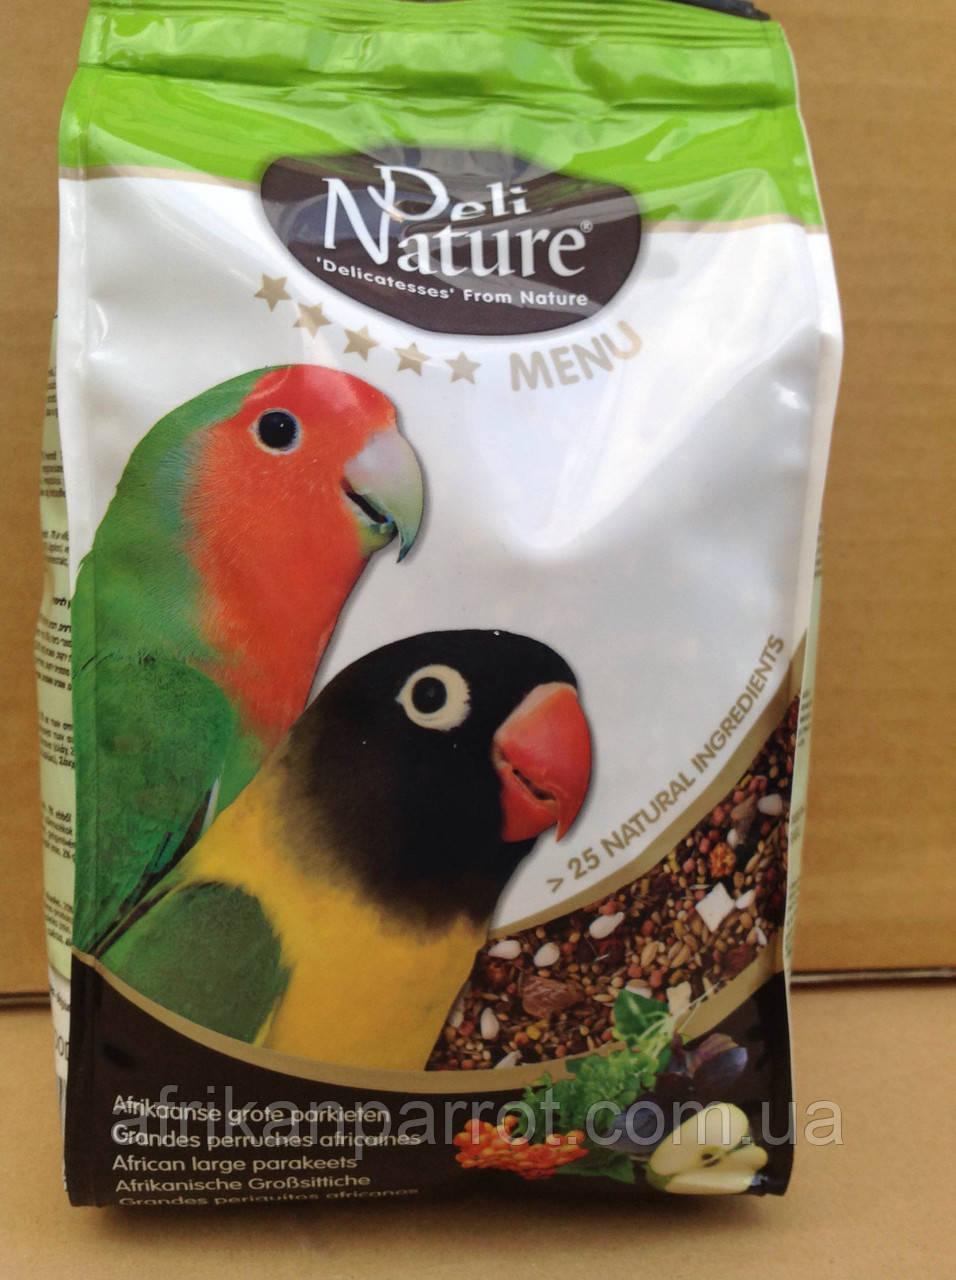 Deli Nature 5 ★ меню - Корм для неразлучников.